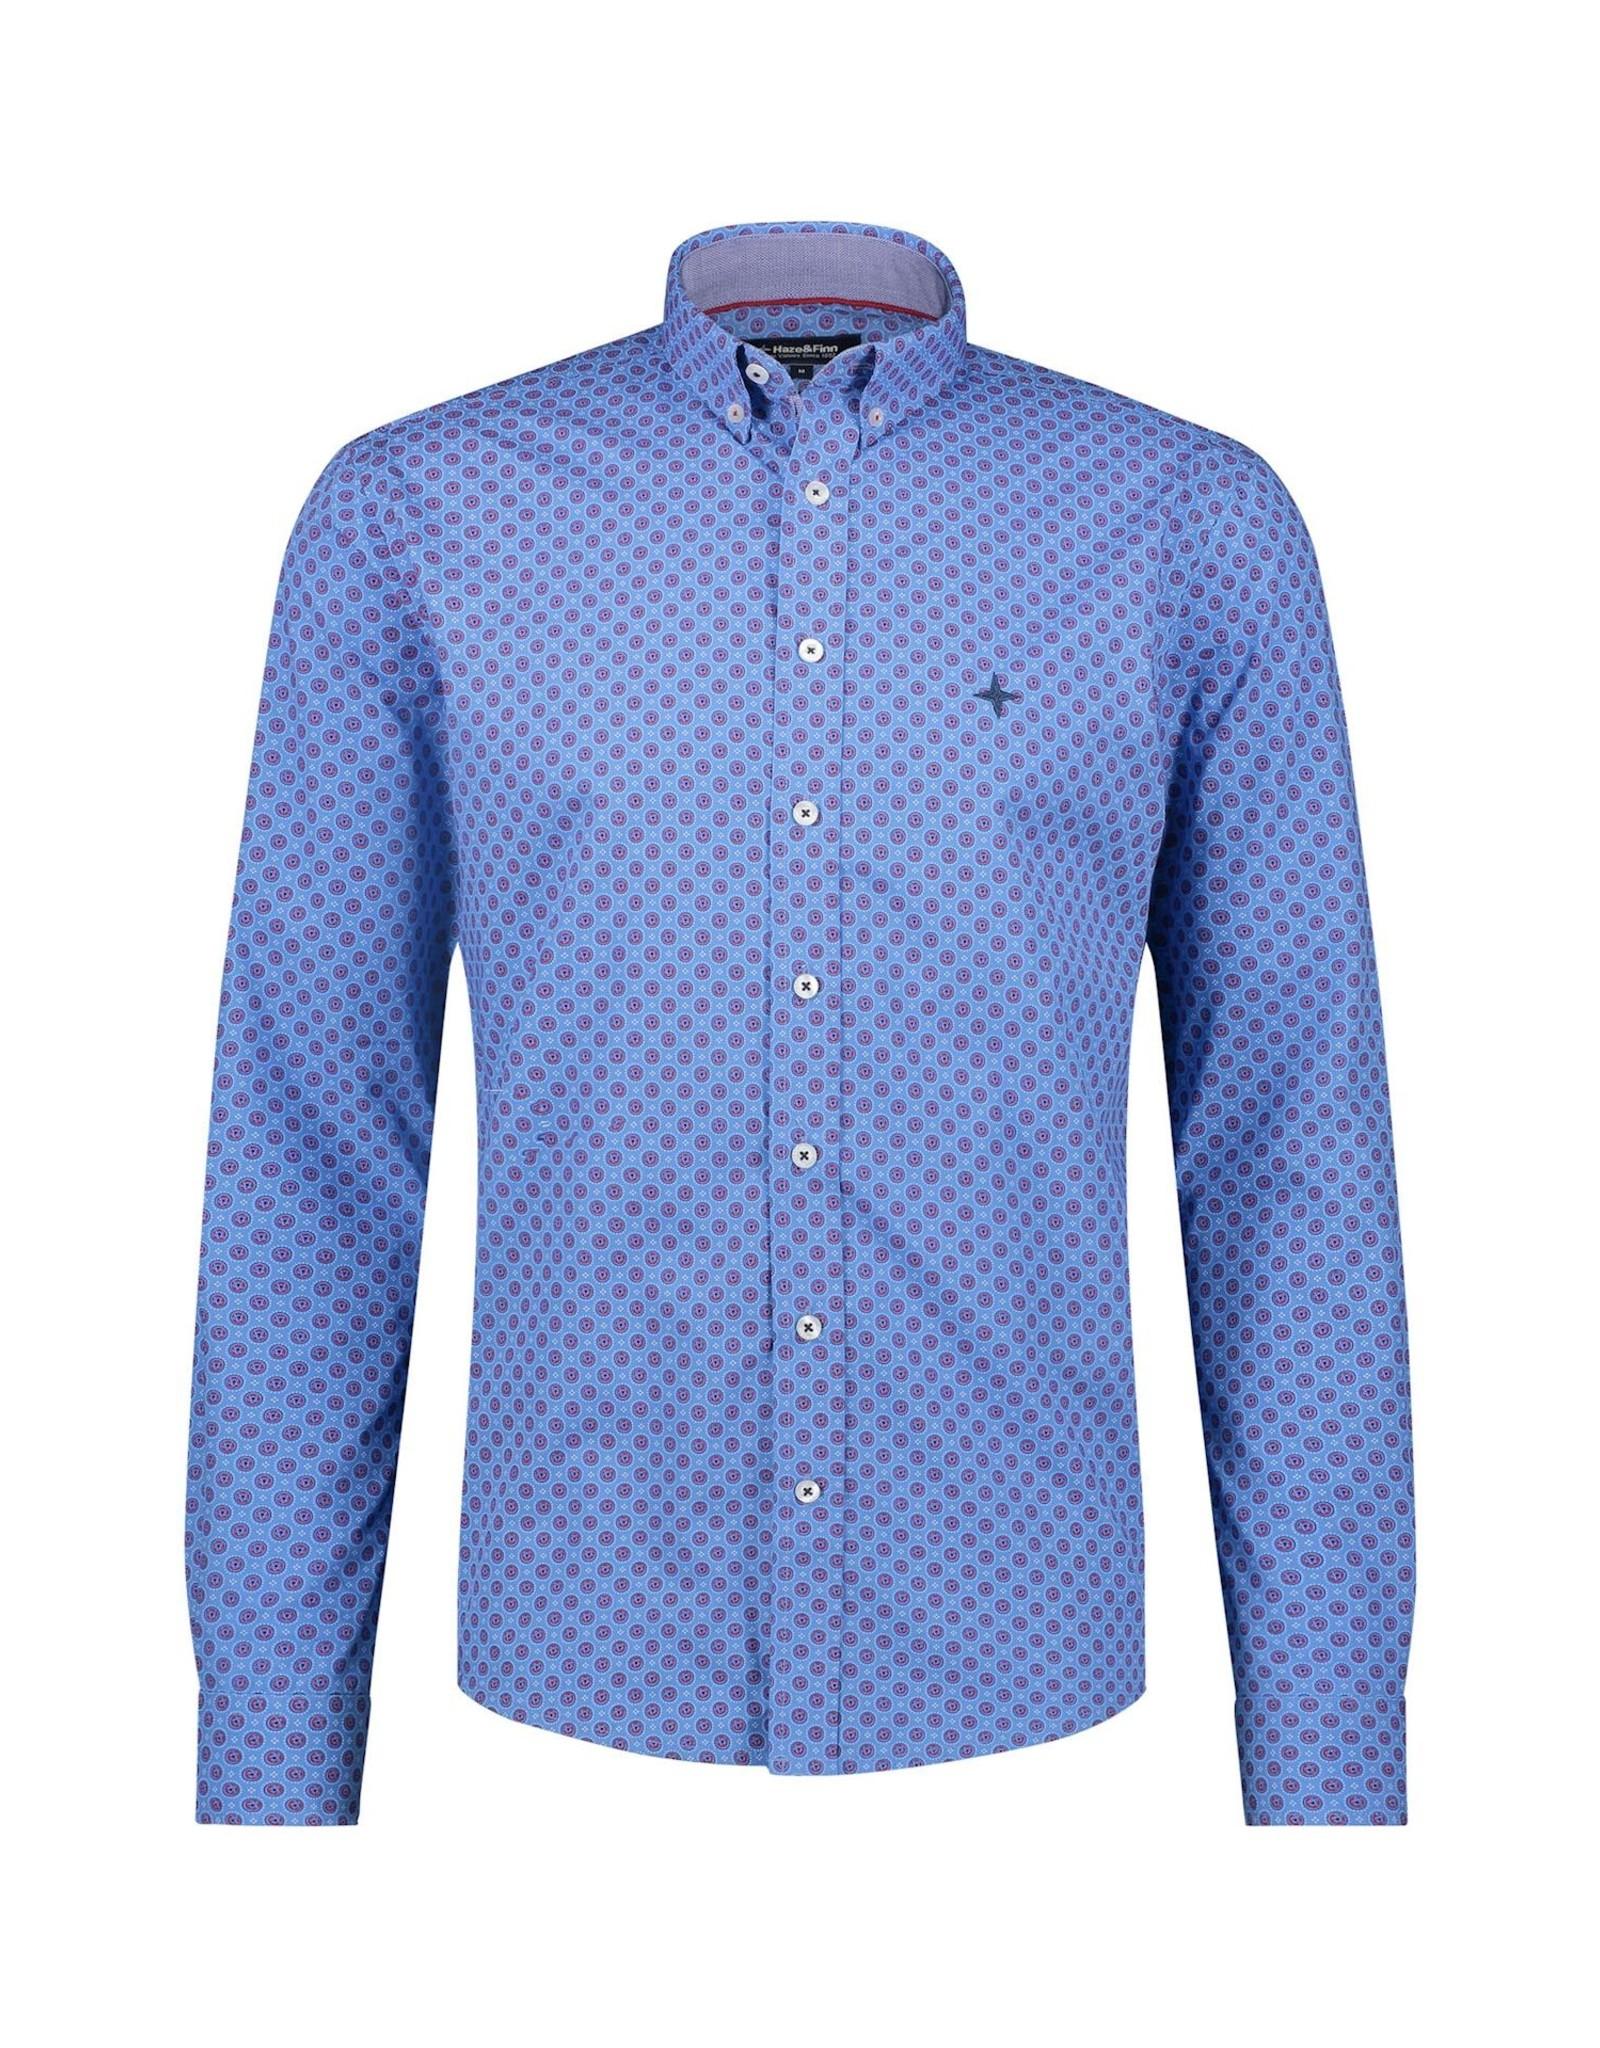 Haze&Finn Shirt cotton regular